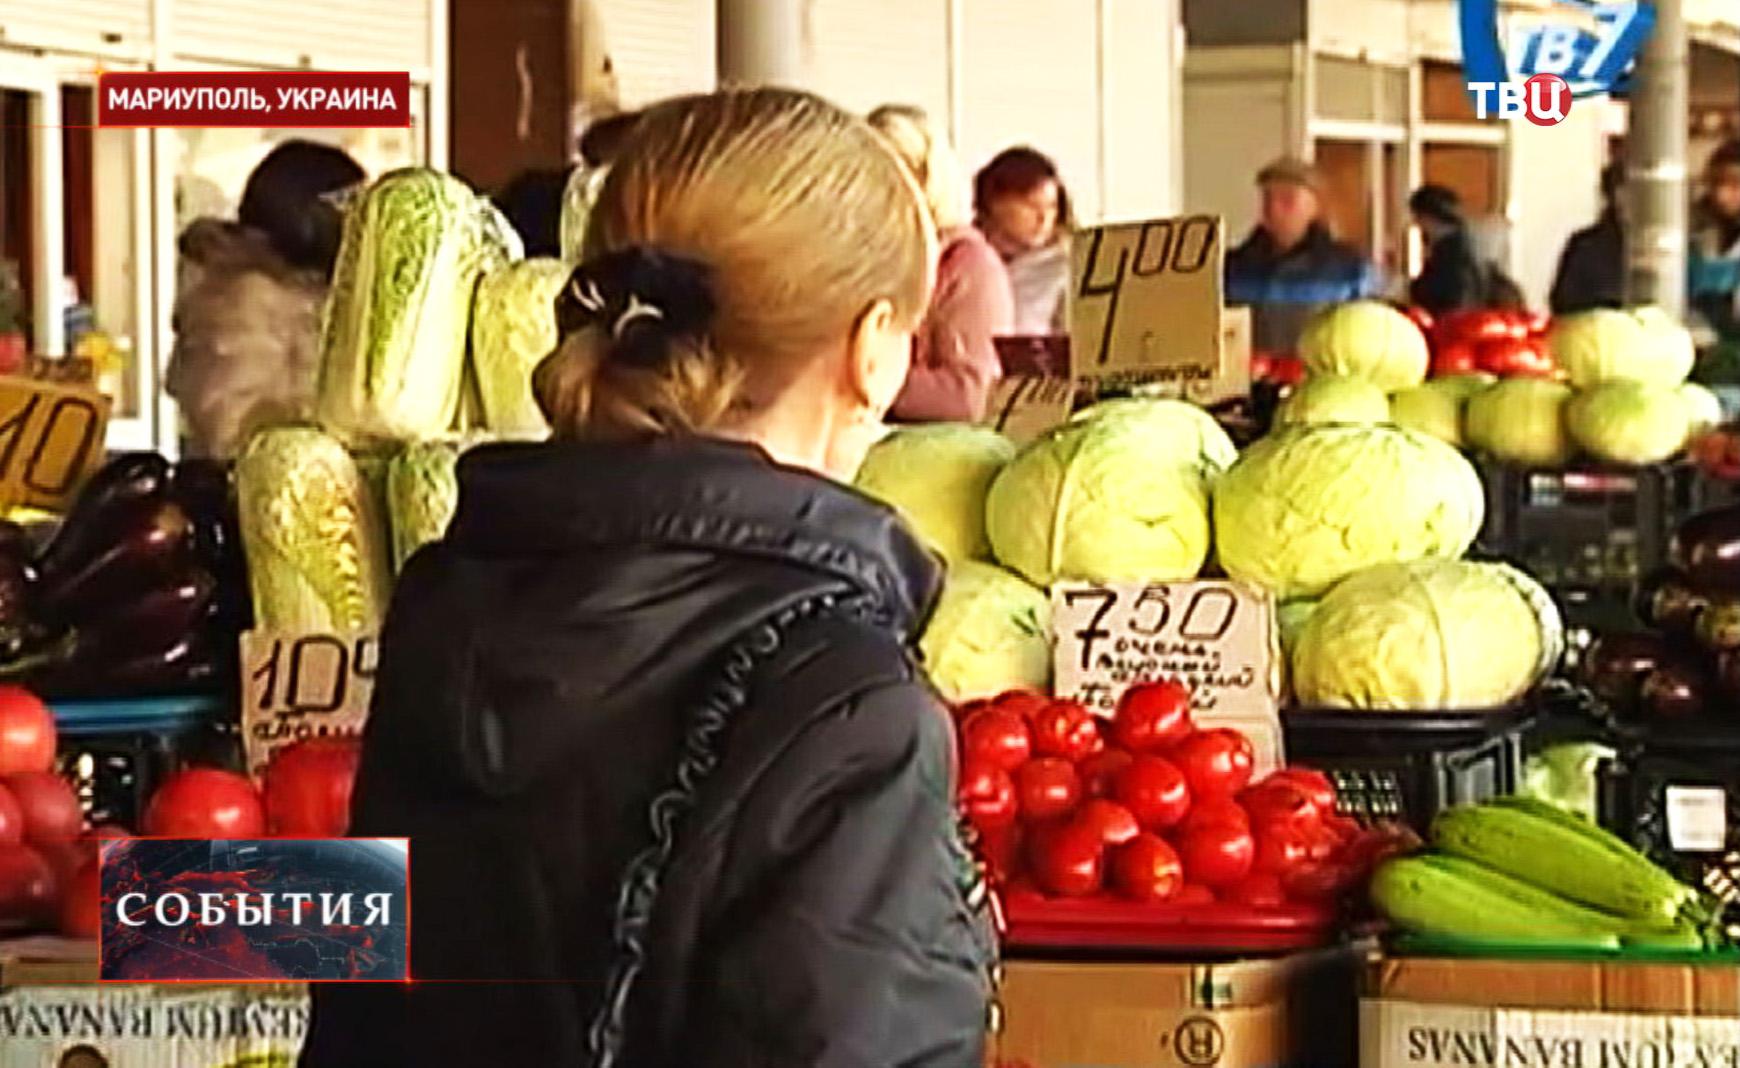 Сельскохозяйственный рынок в Мариуполе